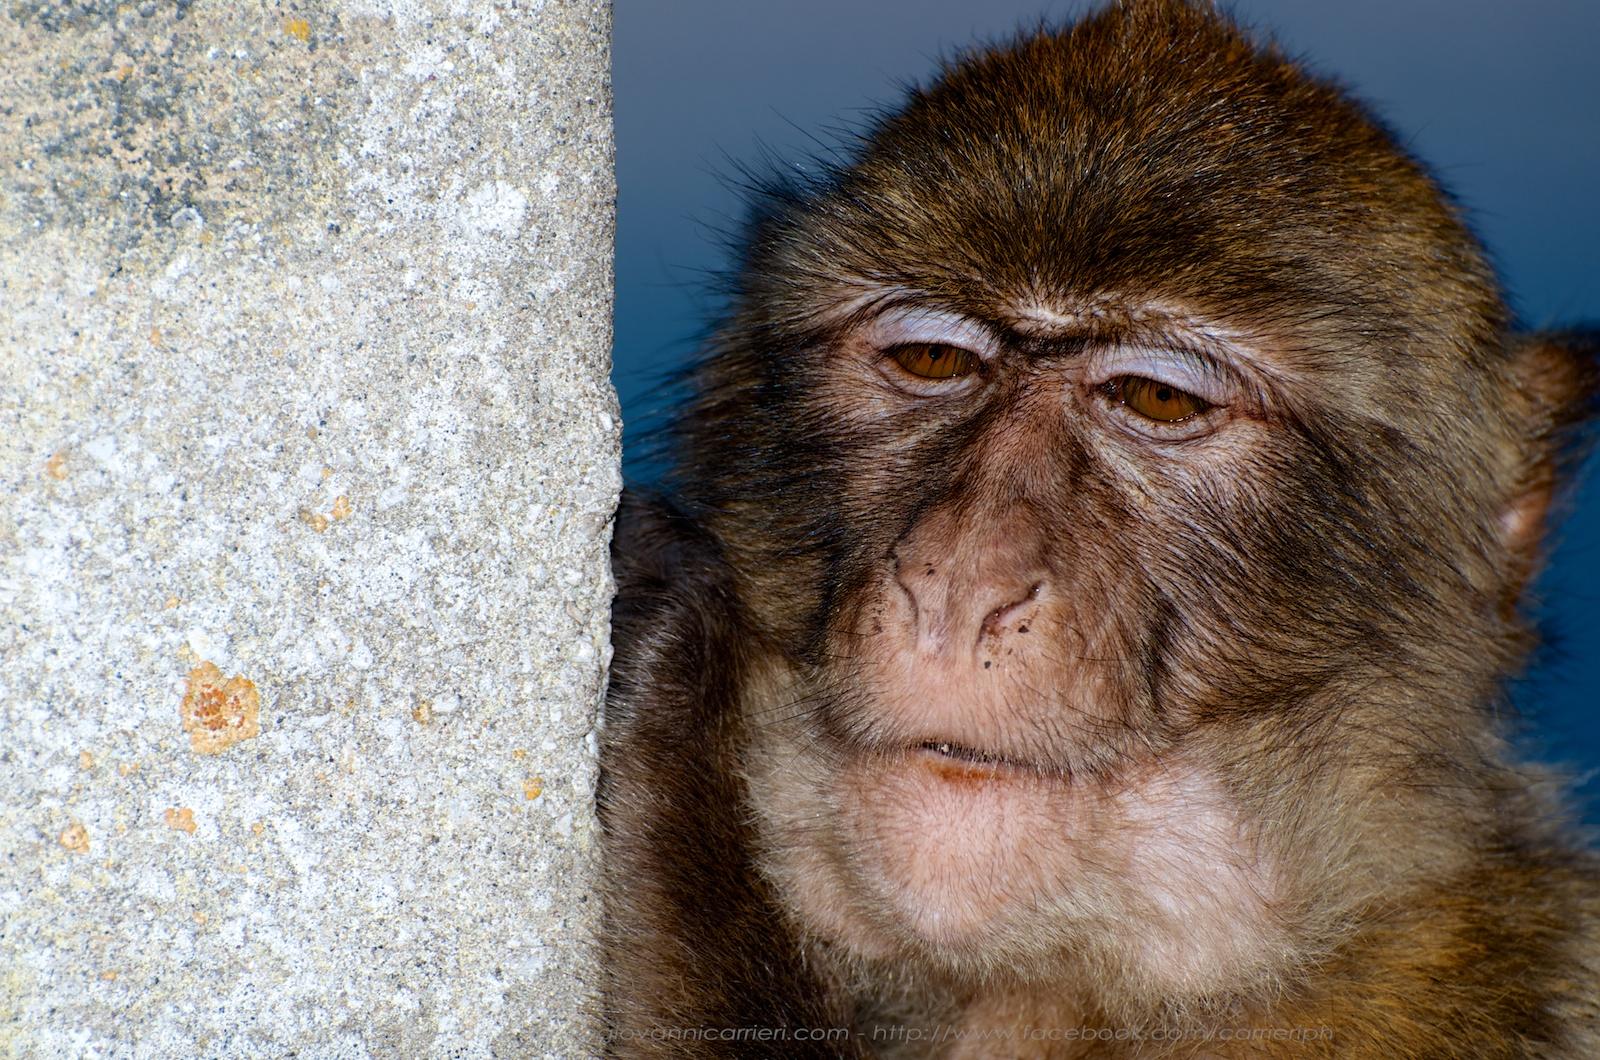 Ritratto di un macaco di Gibilterra